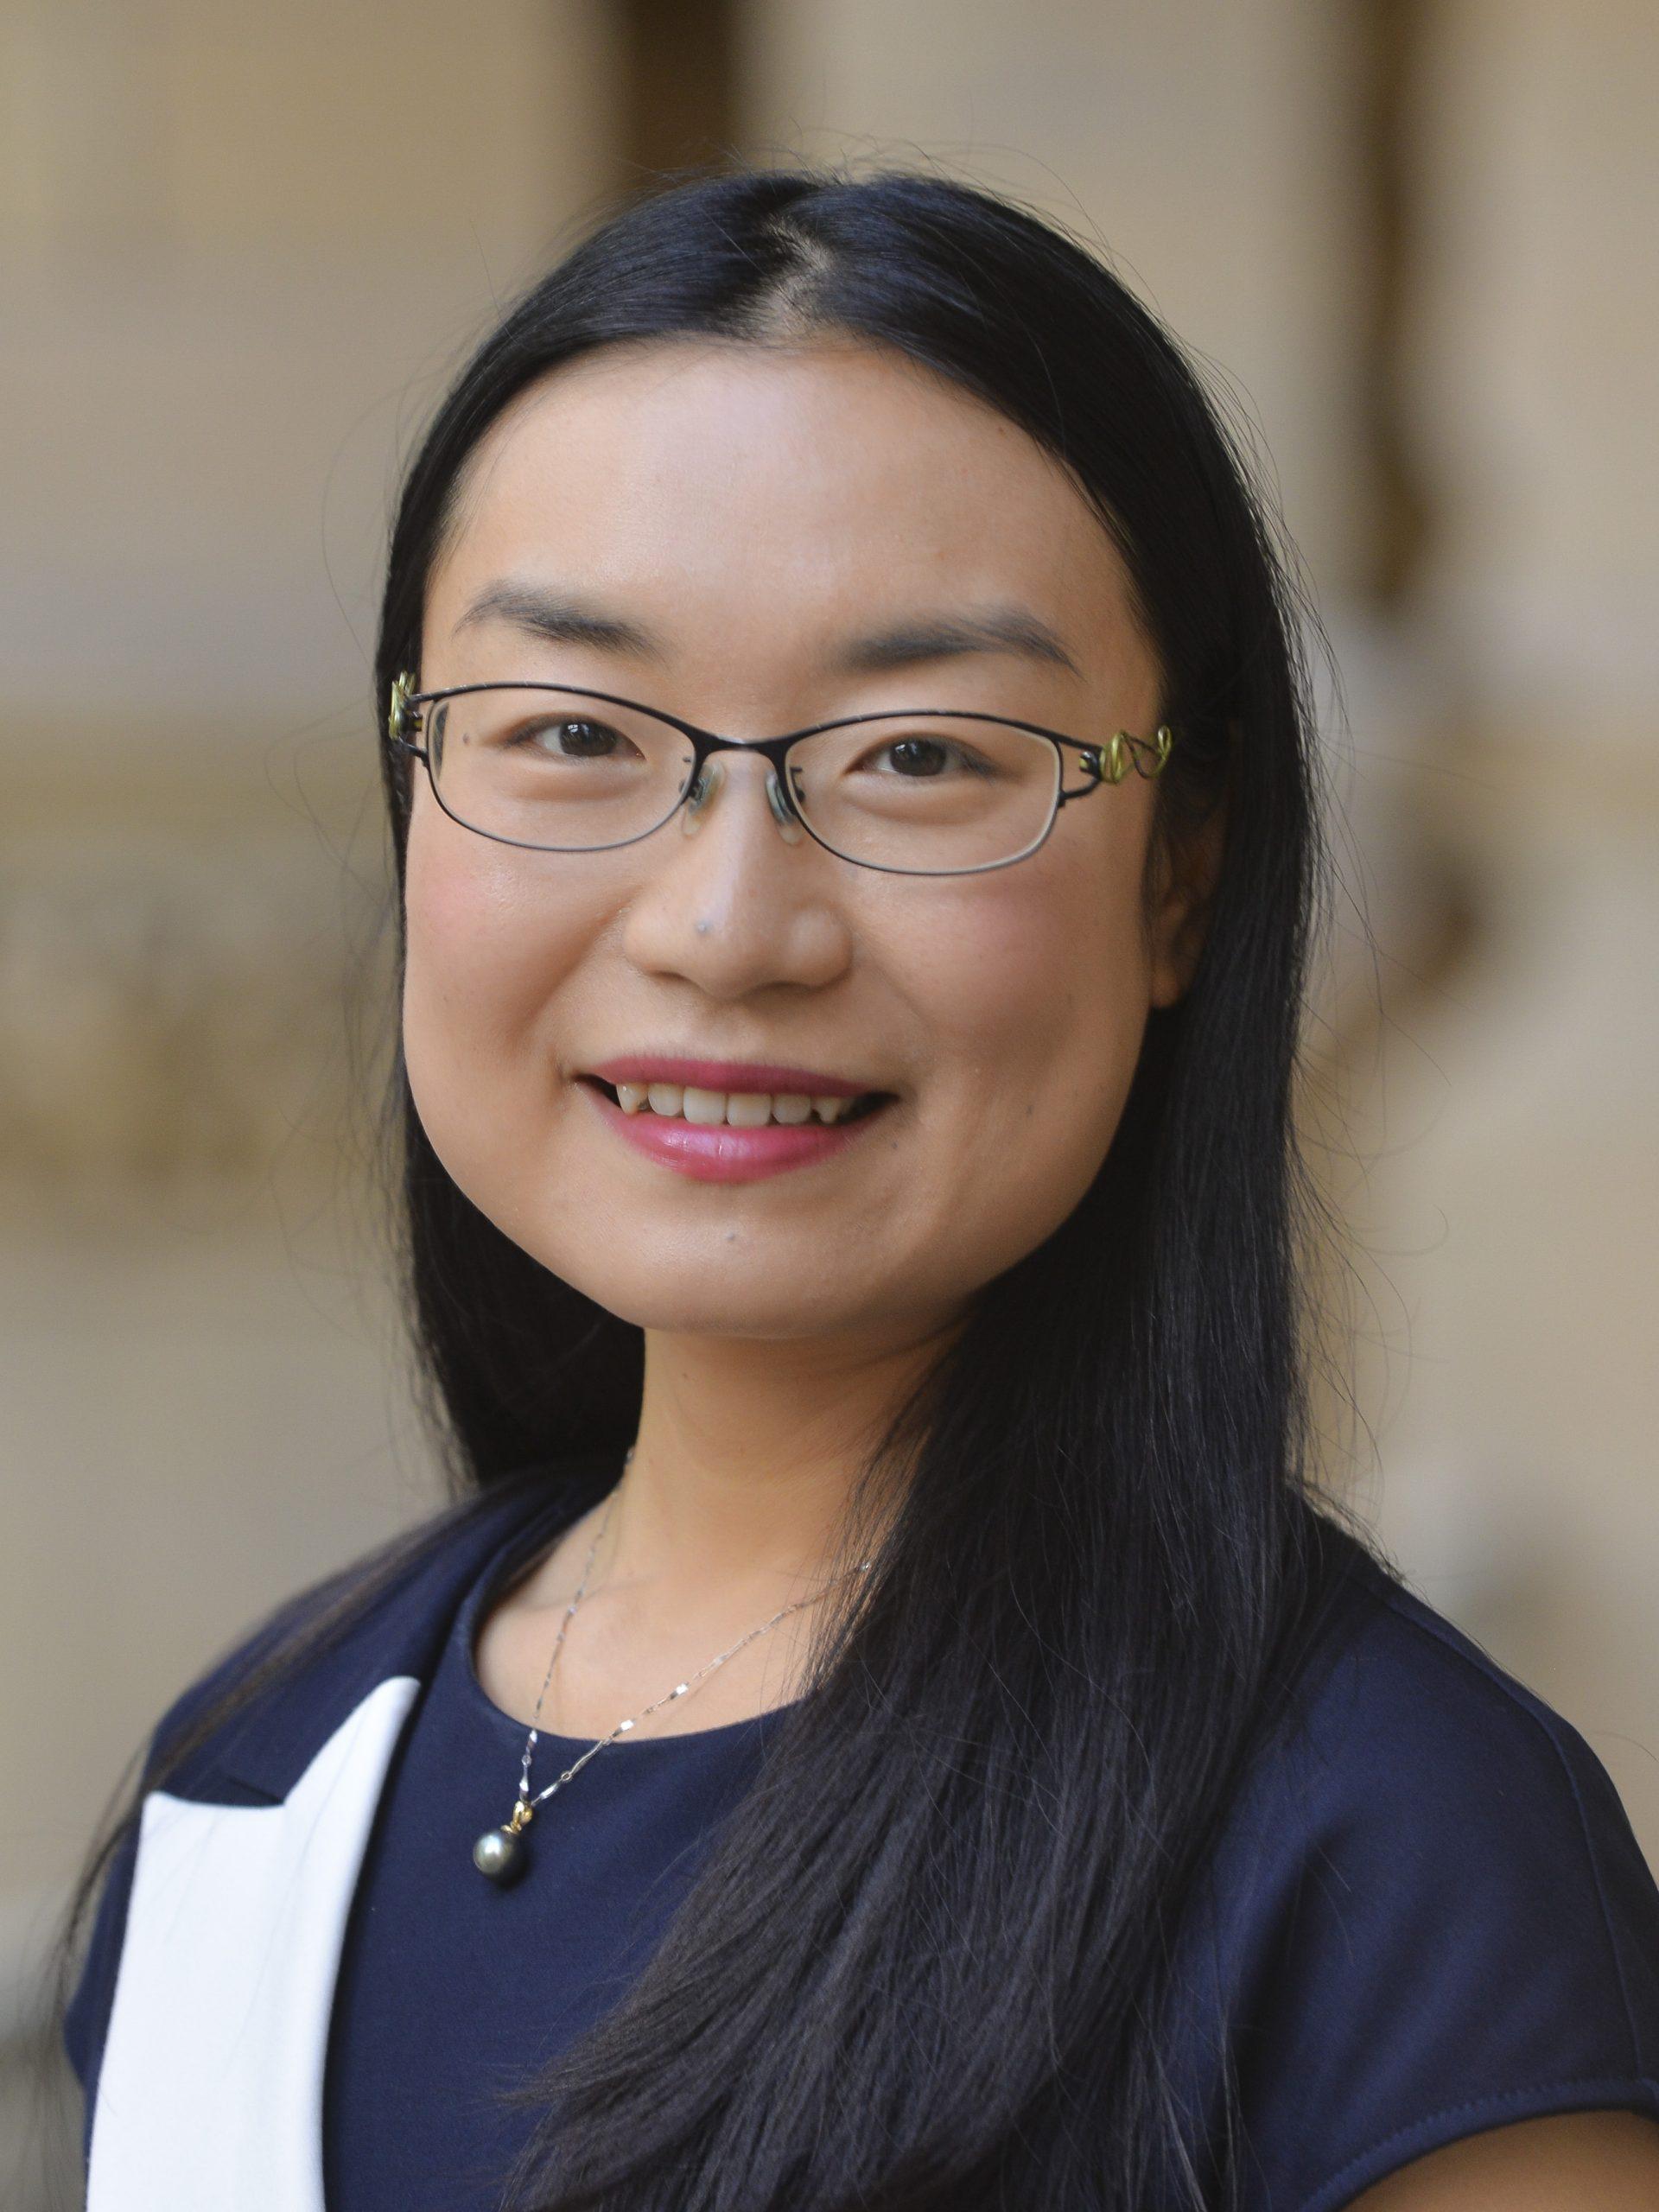 Ketian Vivian Zhang